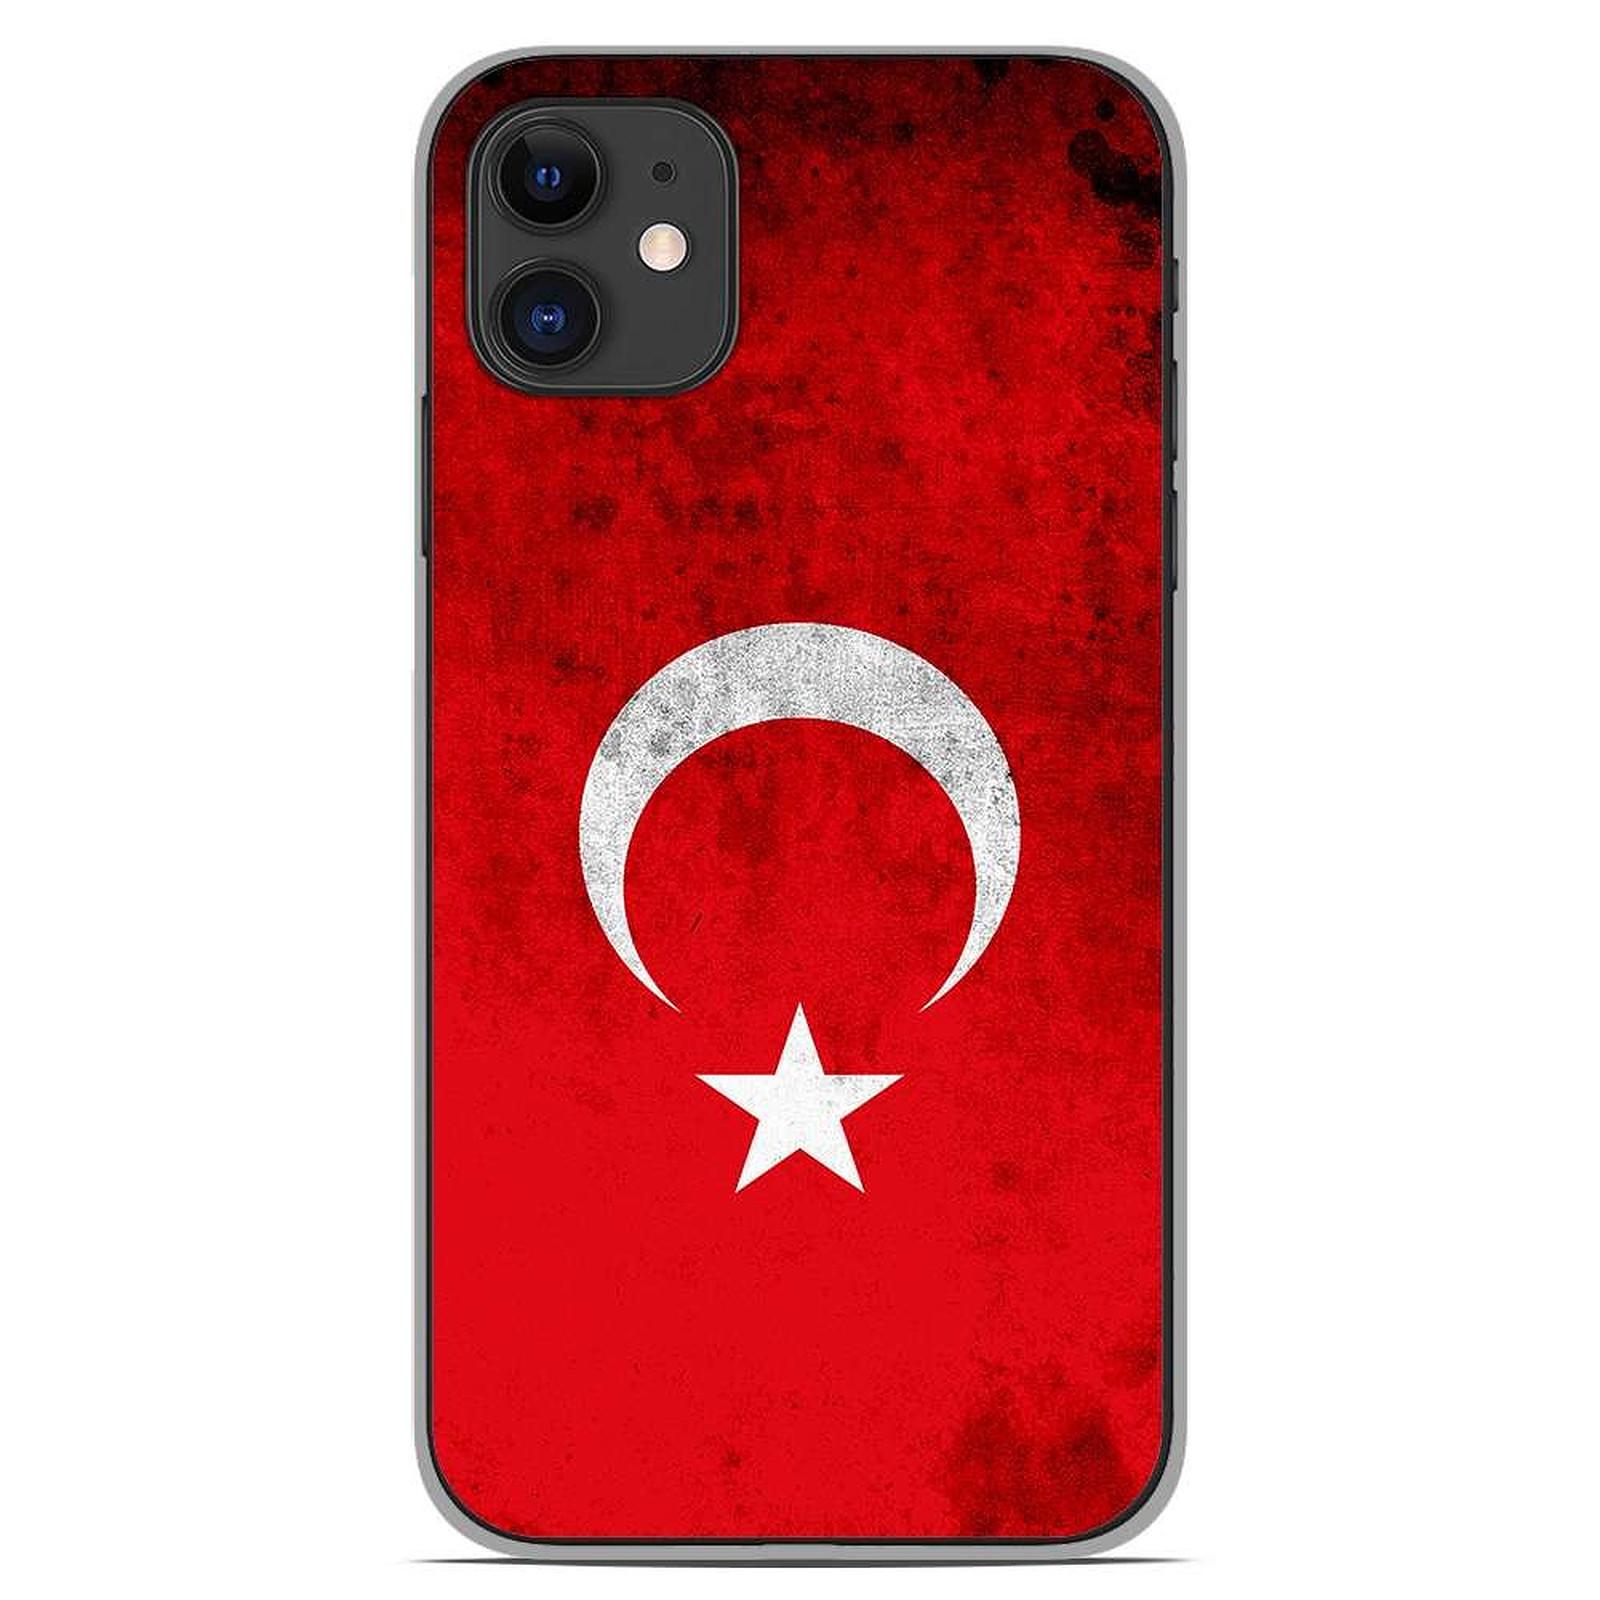 1001 Coques Coque silicone gel Apple iPhone 11 motif Drapeau Turquie